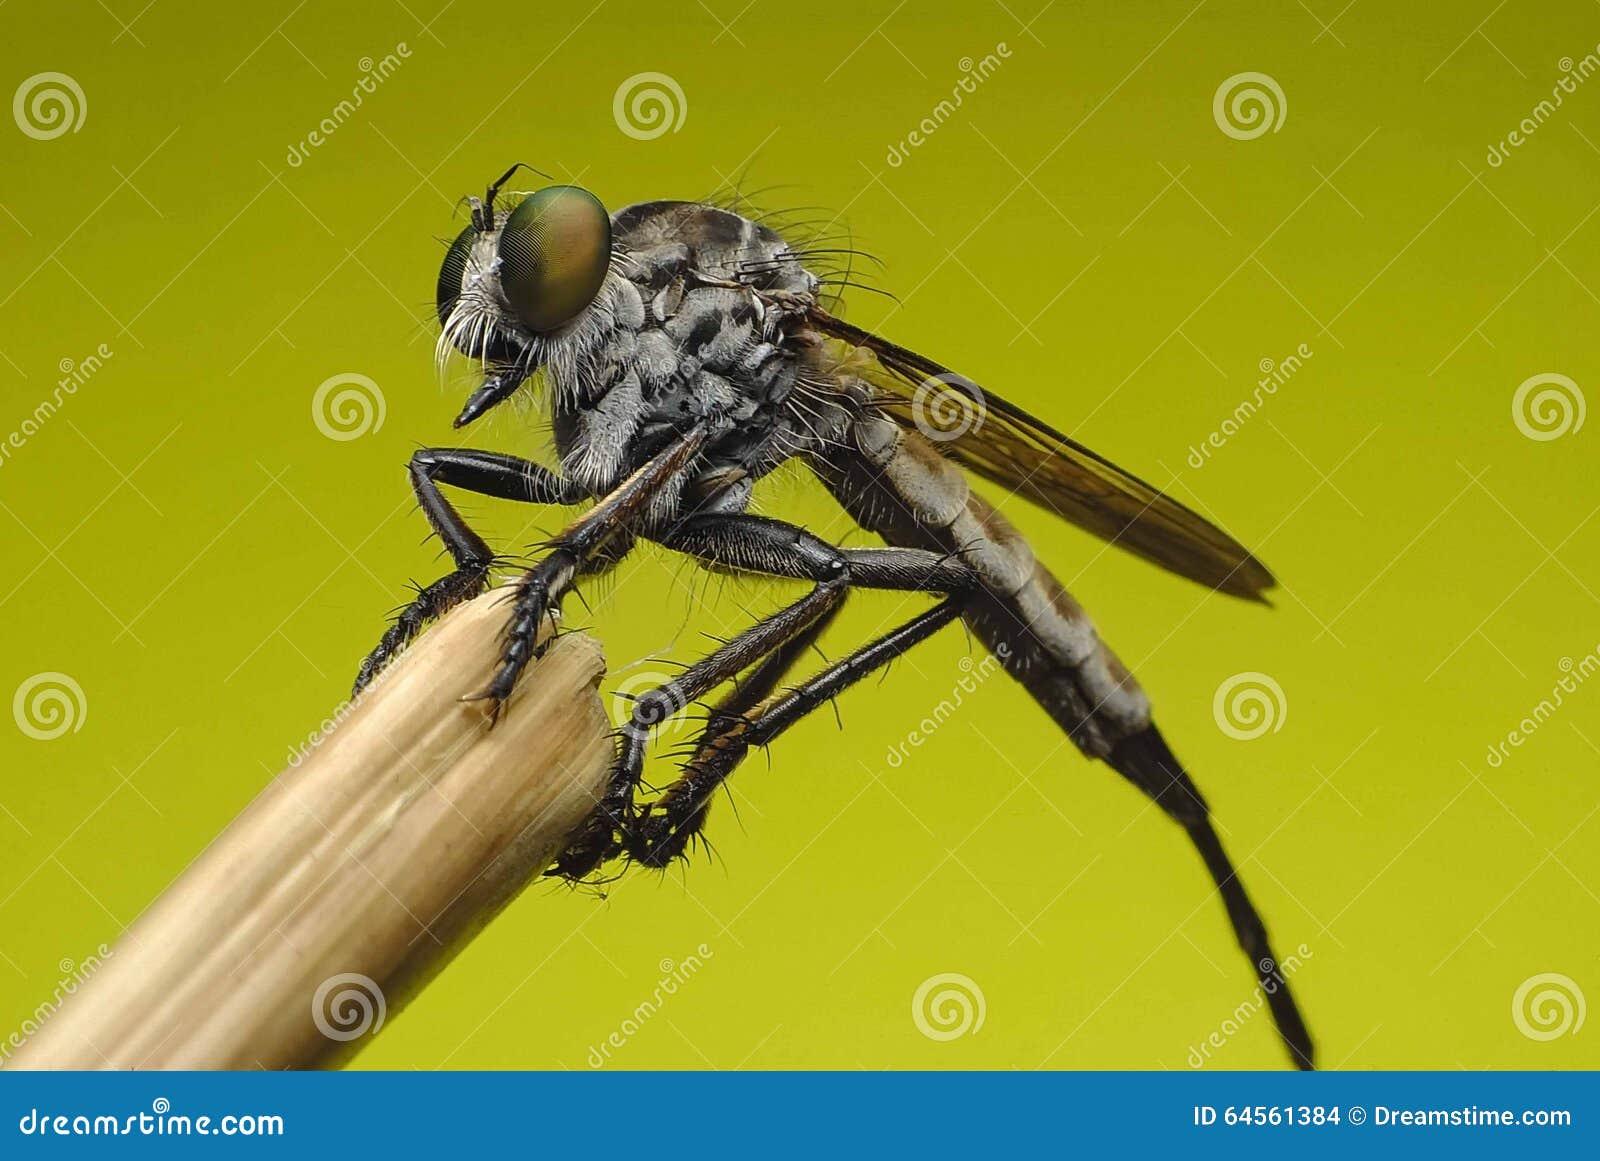 Robberfly (Asilidae) Hunterfrom Thailand ein gerades Gesicht